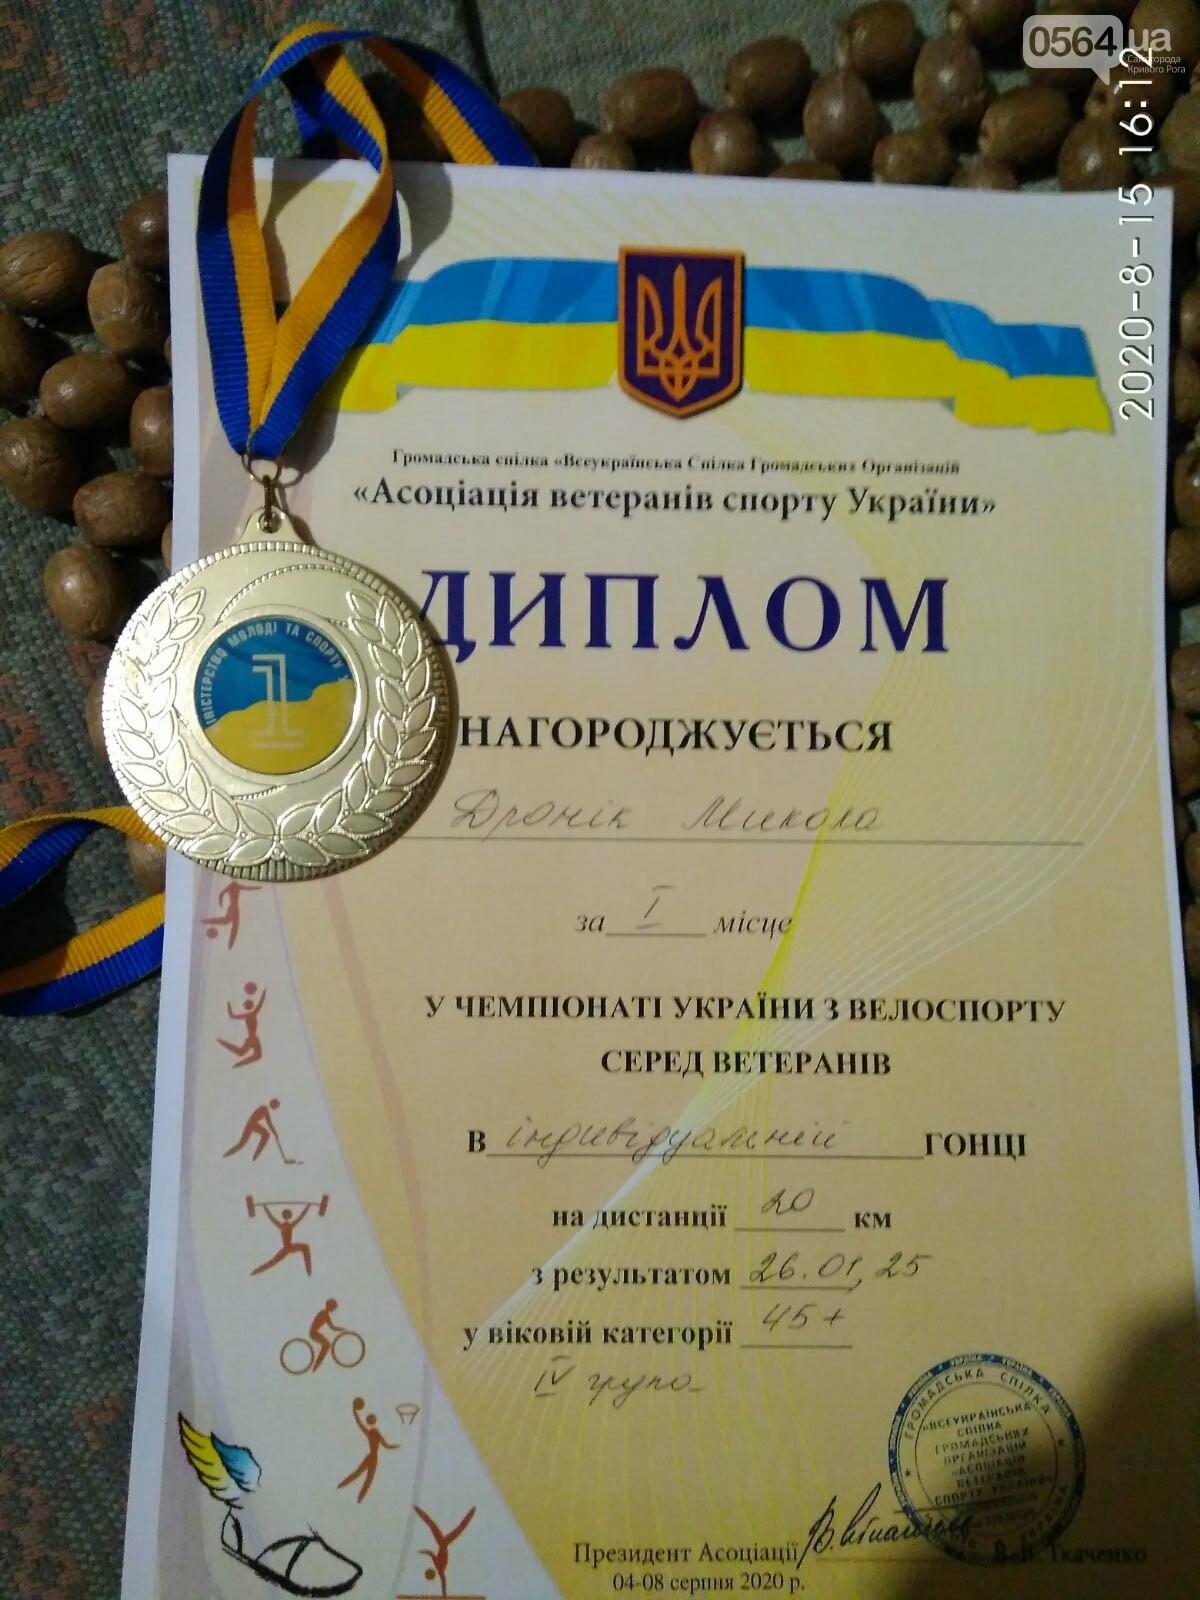 Велогонщики из Кривого Рога стали лучшими на чемпионате Украины среди ветеранов, - ФОТО, фото-6